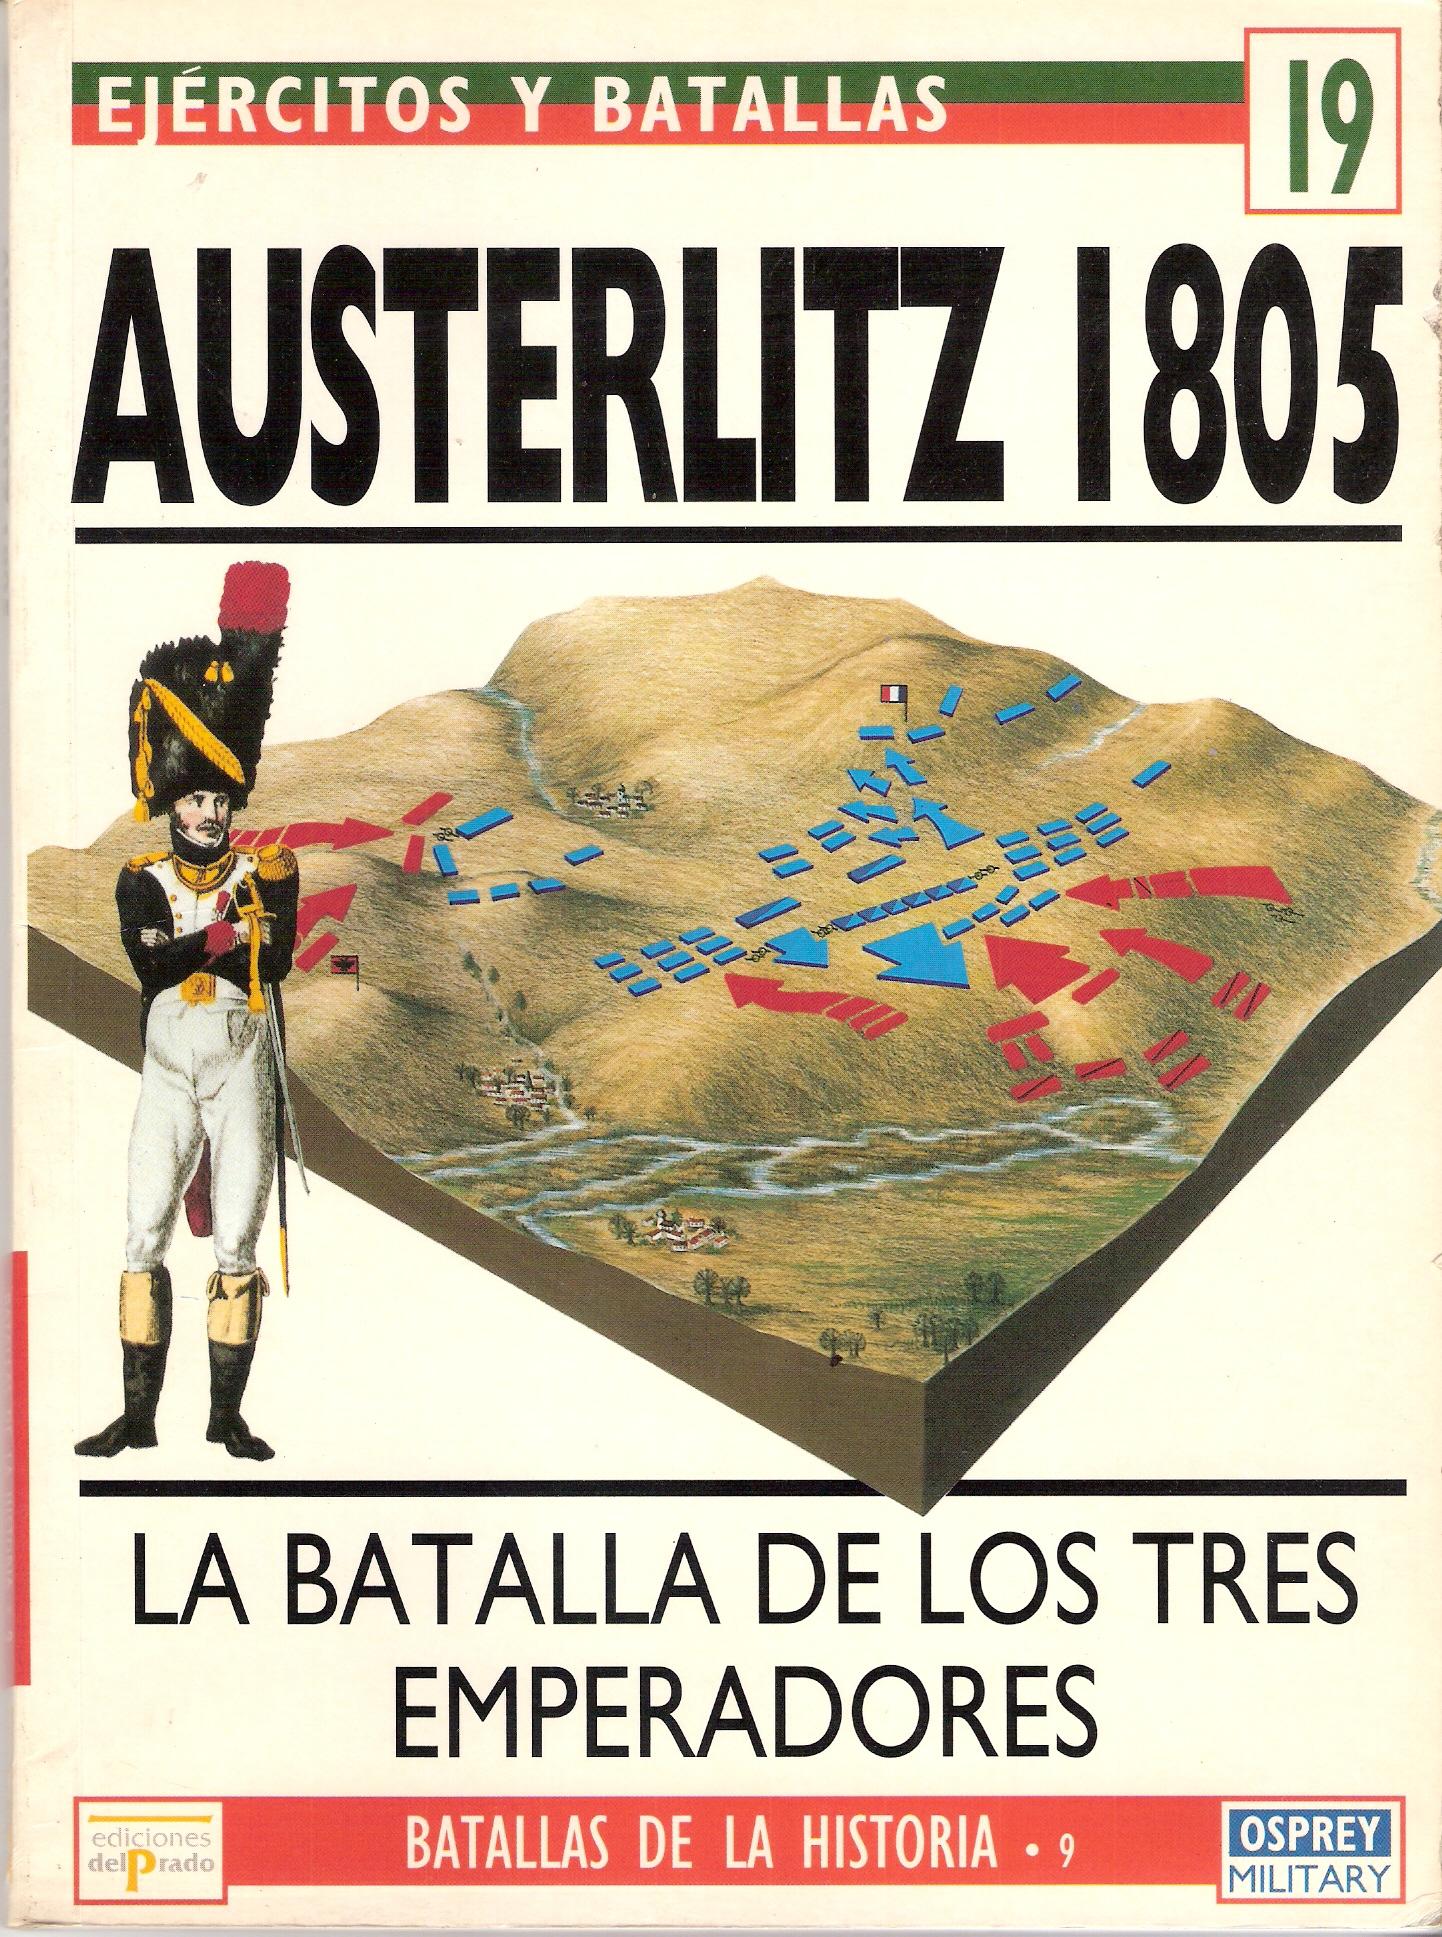 Austerlitz. 1805